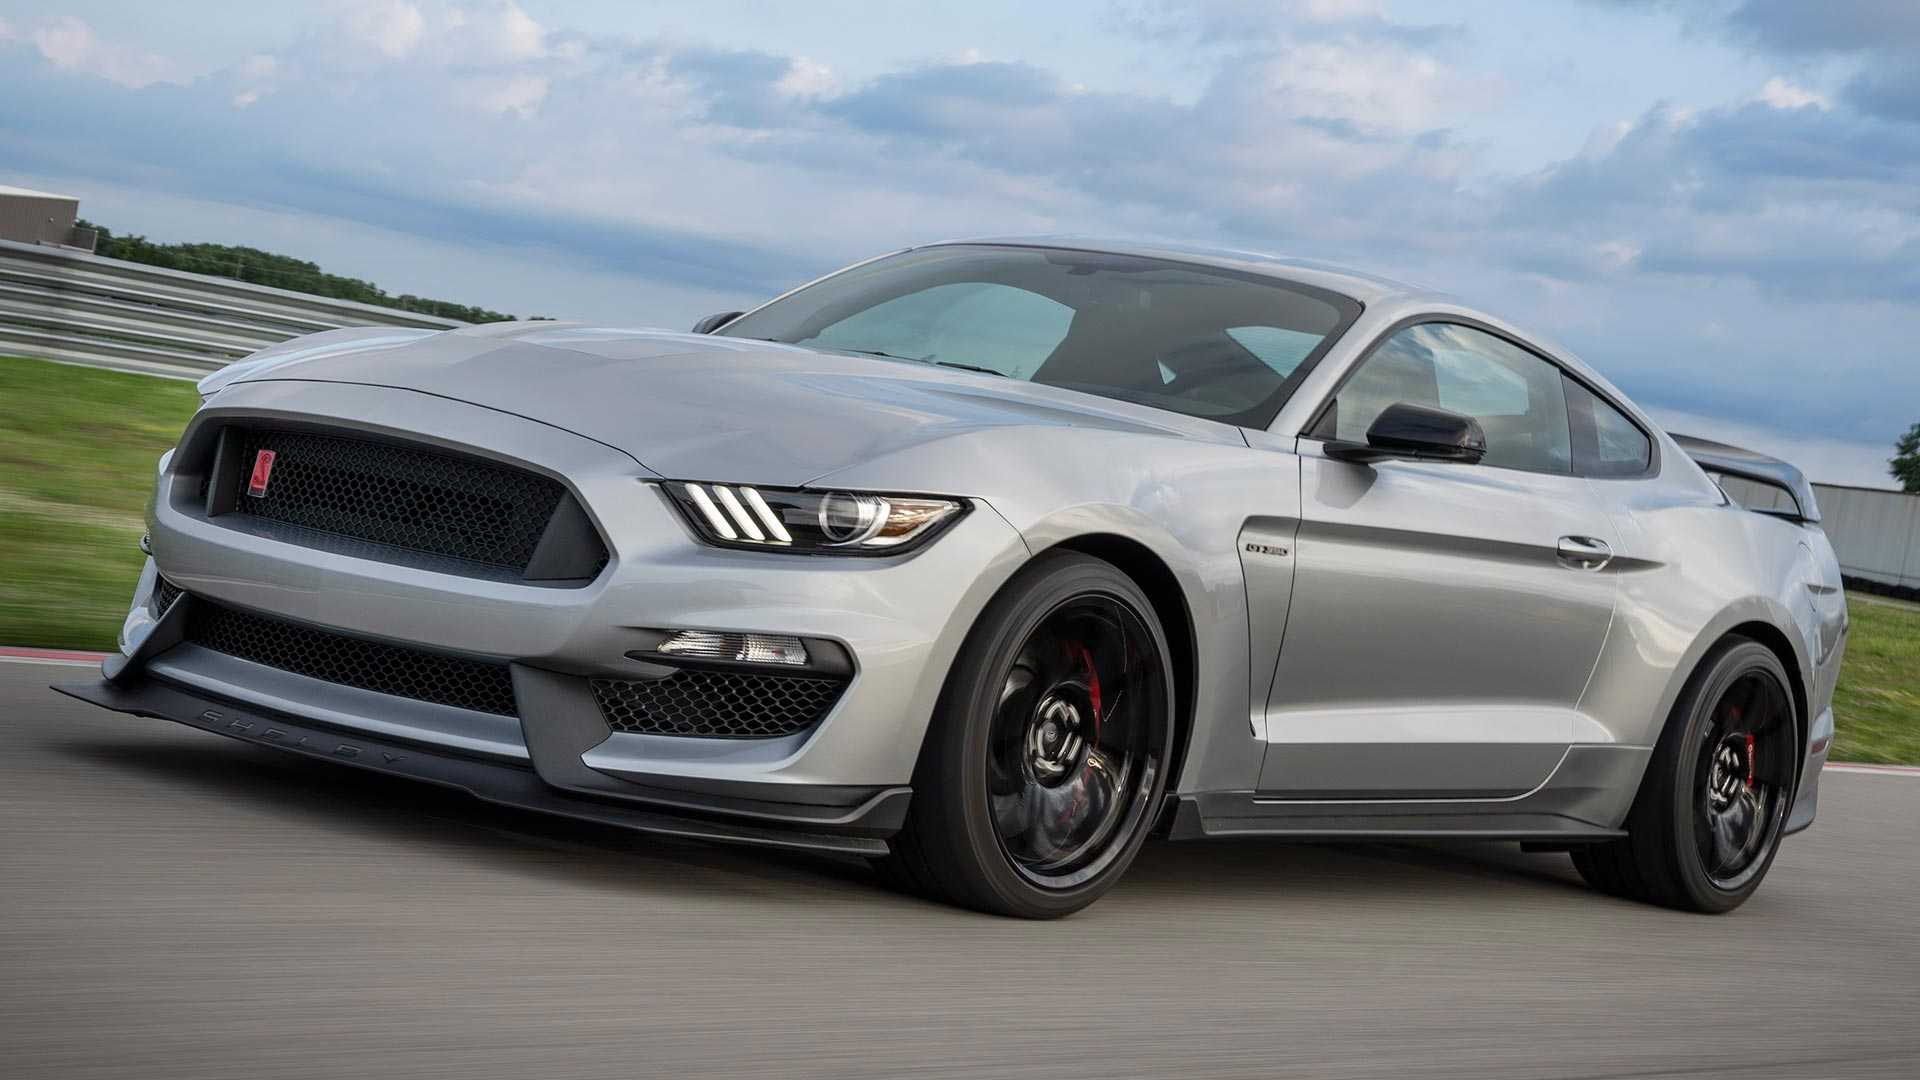 Motor1 com | Car News, Reviews and Analysis